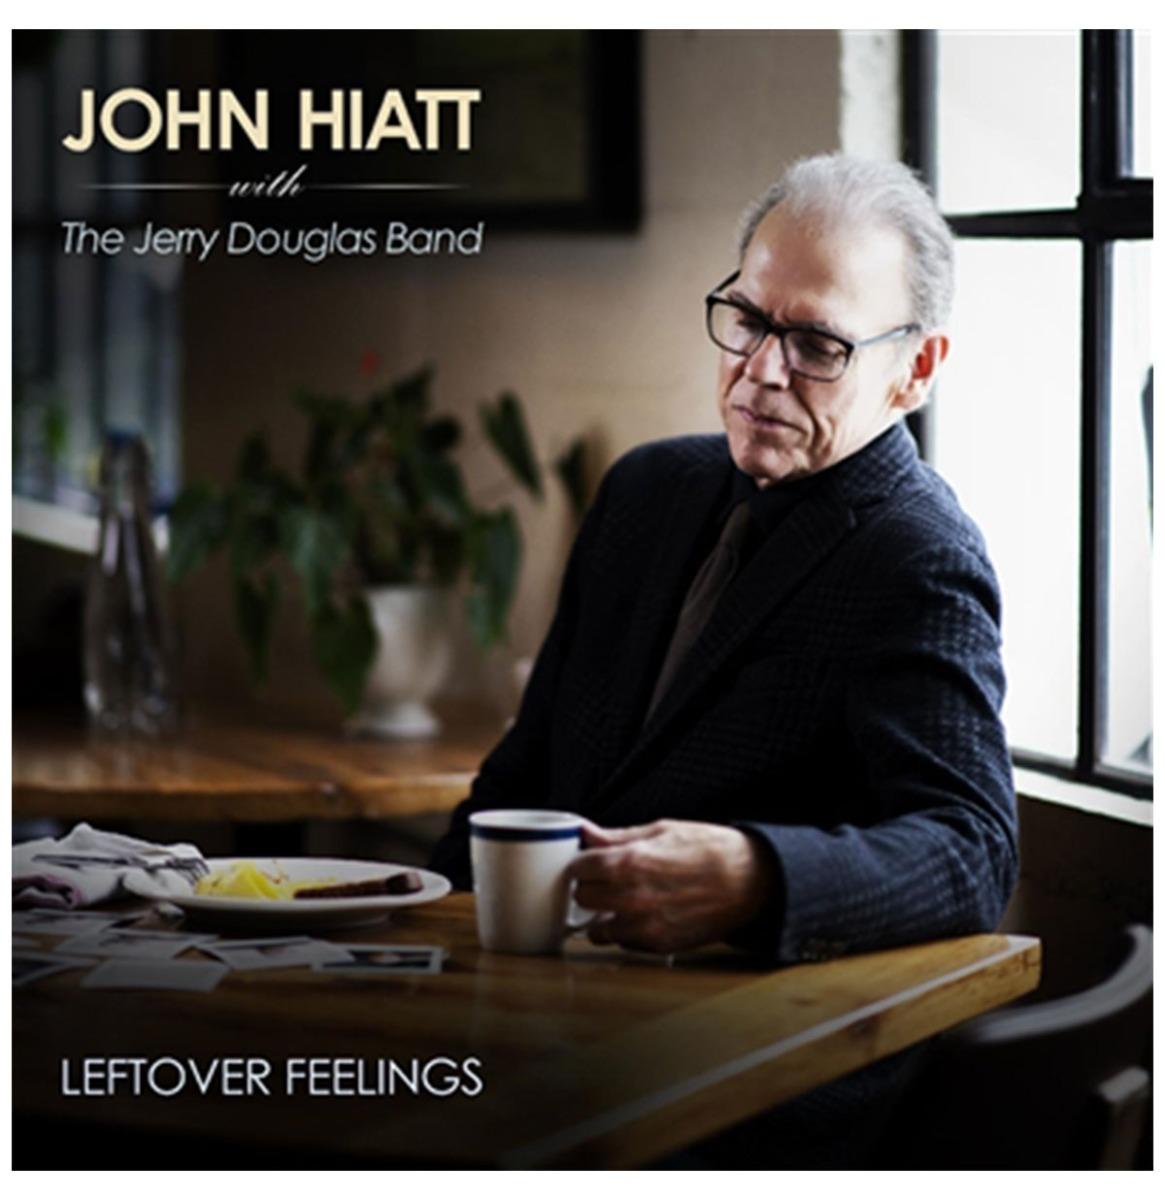 John Hiatt met The Jerry Douglas Band - Leftover Feelings LP